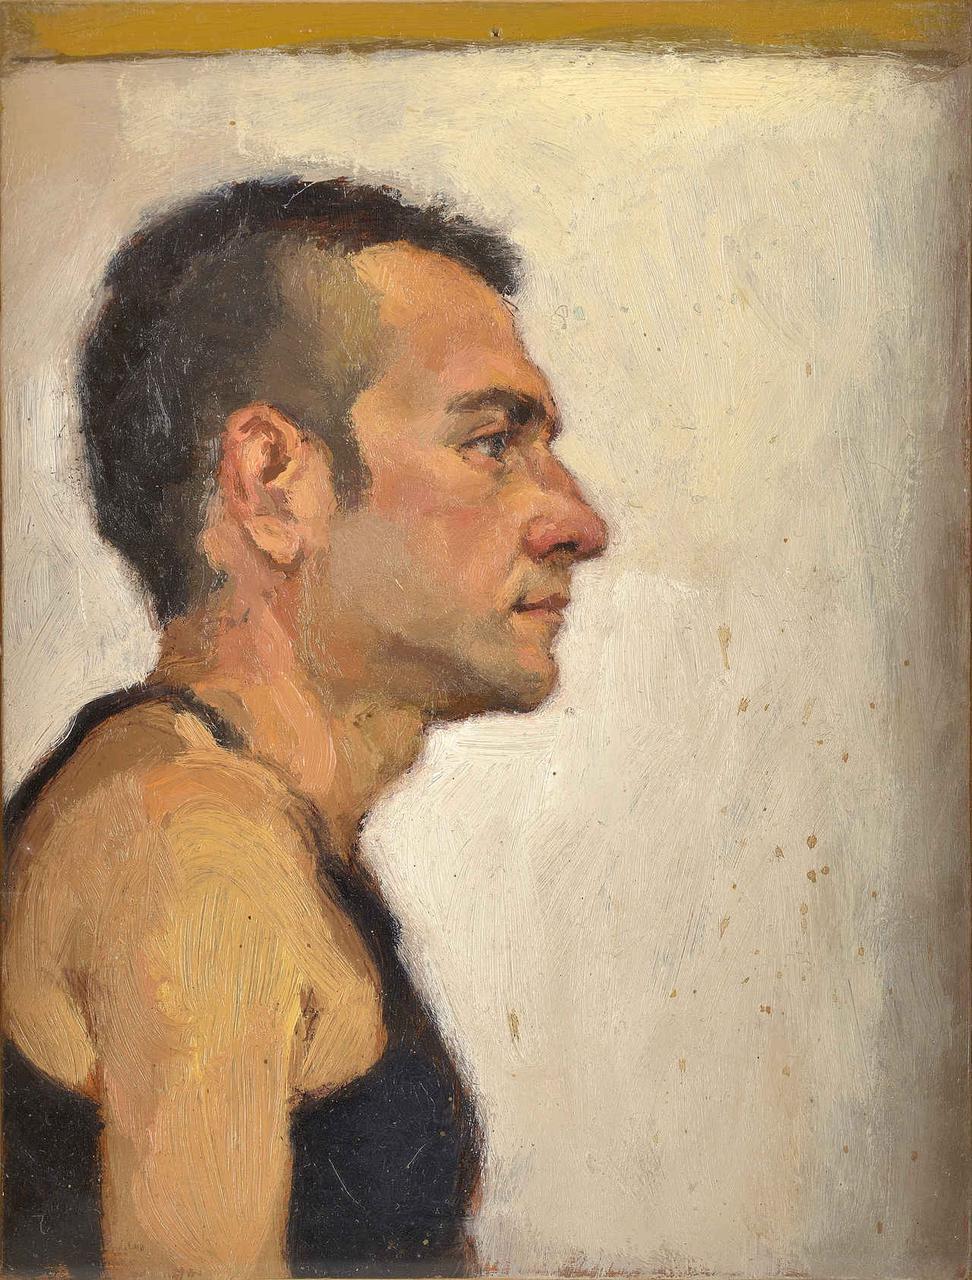 Νέος, 1996, ακρυλικό σε χαρτόνι, 18x13,5 εκ.